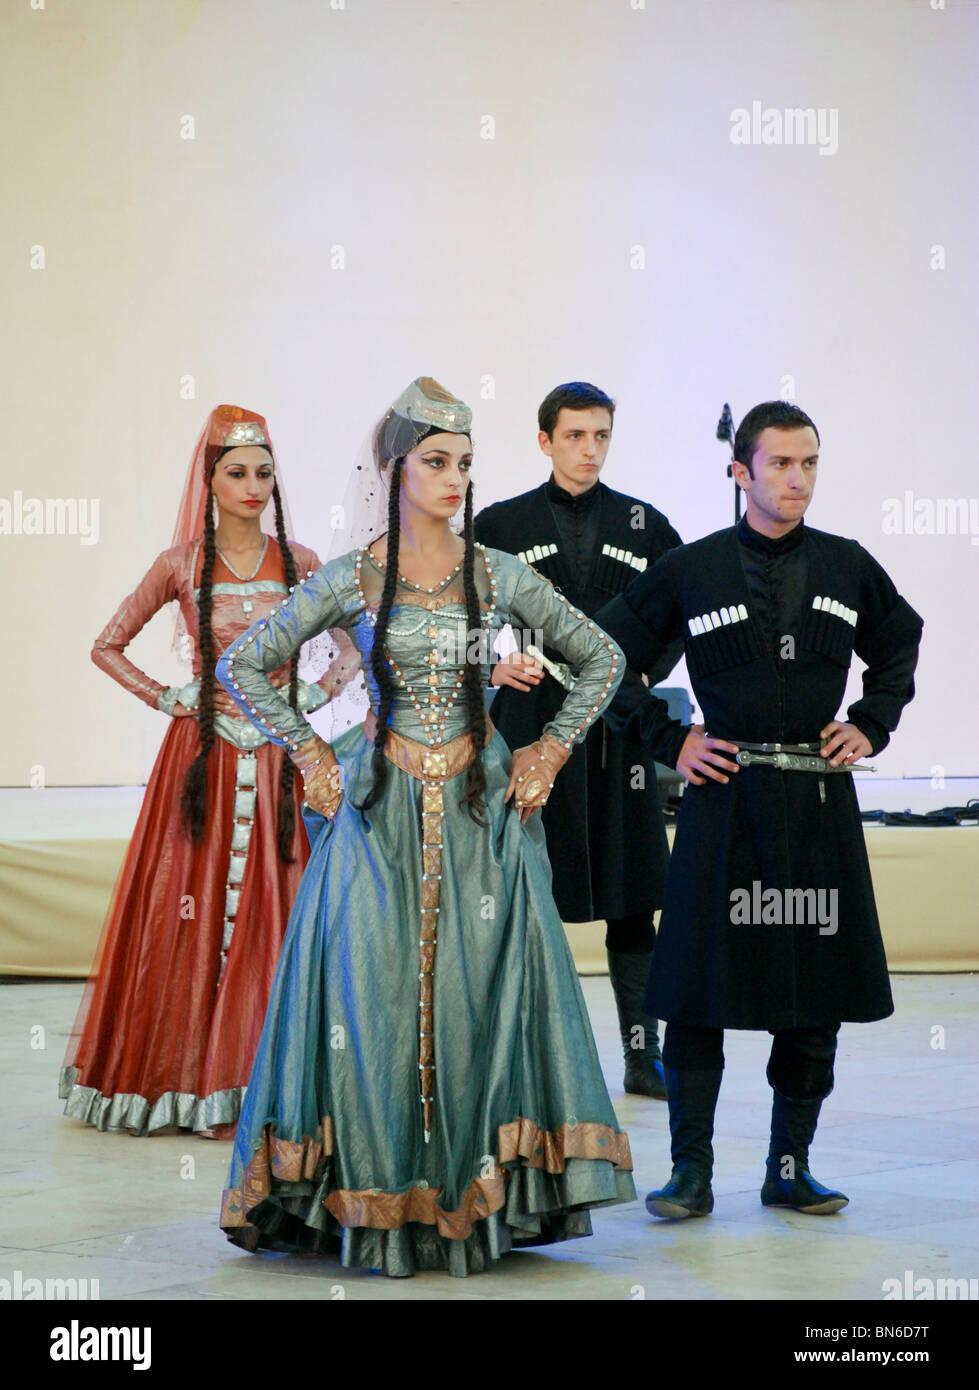 Grupo de baile de folklore georgiano Imagen De Stock